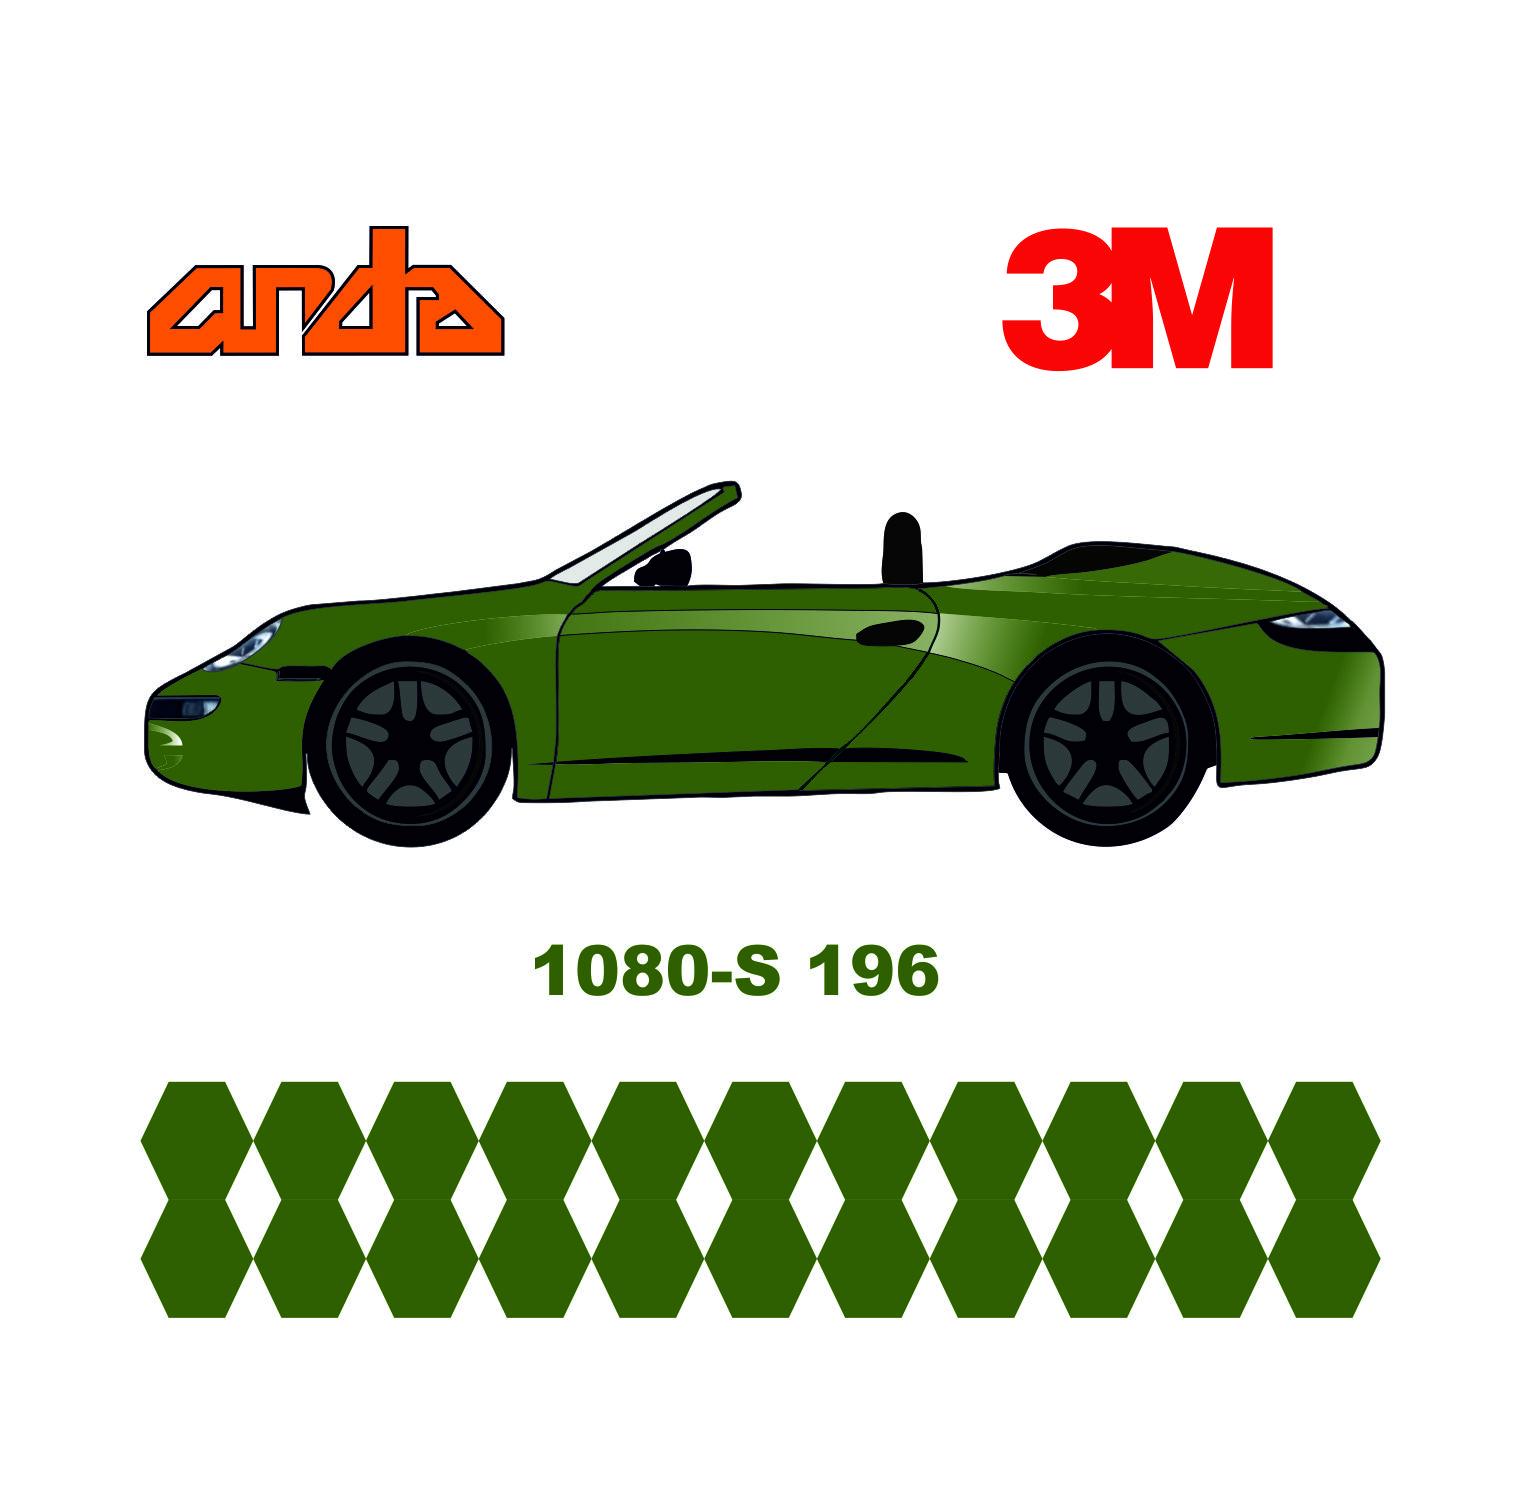 3M 1080-S196 Satin Elma Yeşili 1